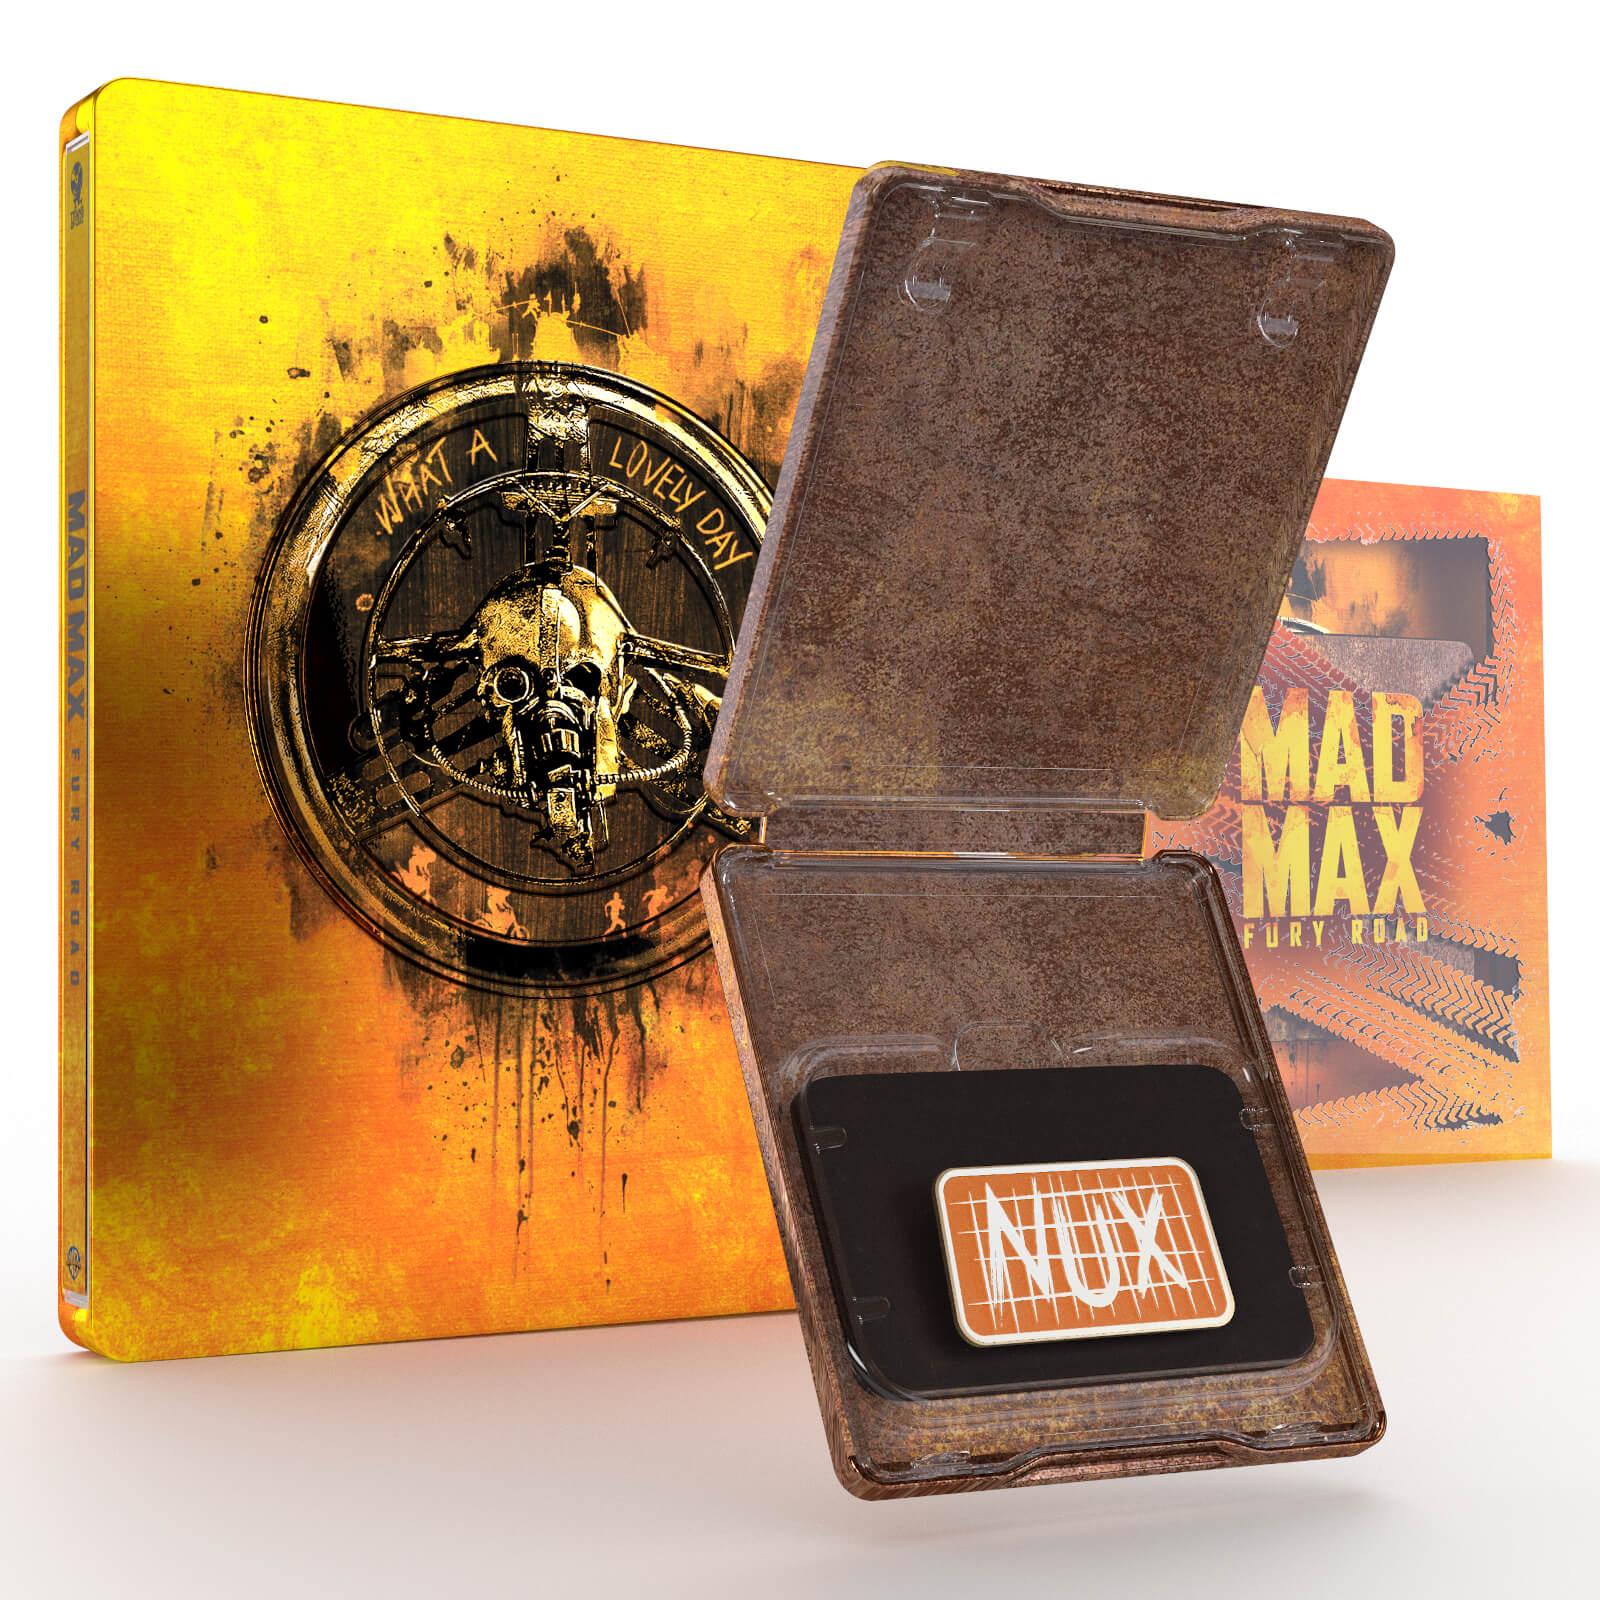 Titans Of Cult Mad Max Fury Road マッドマックス 怒りのデス・ロード スチールブック